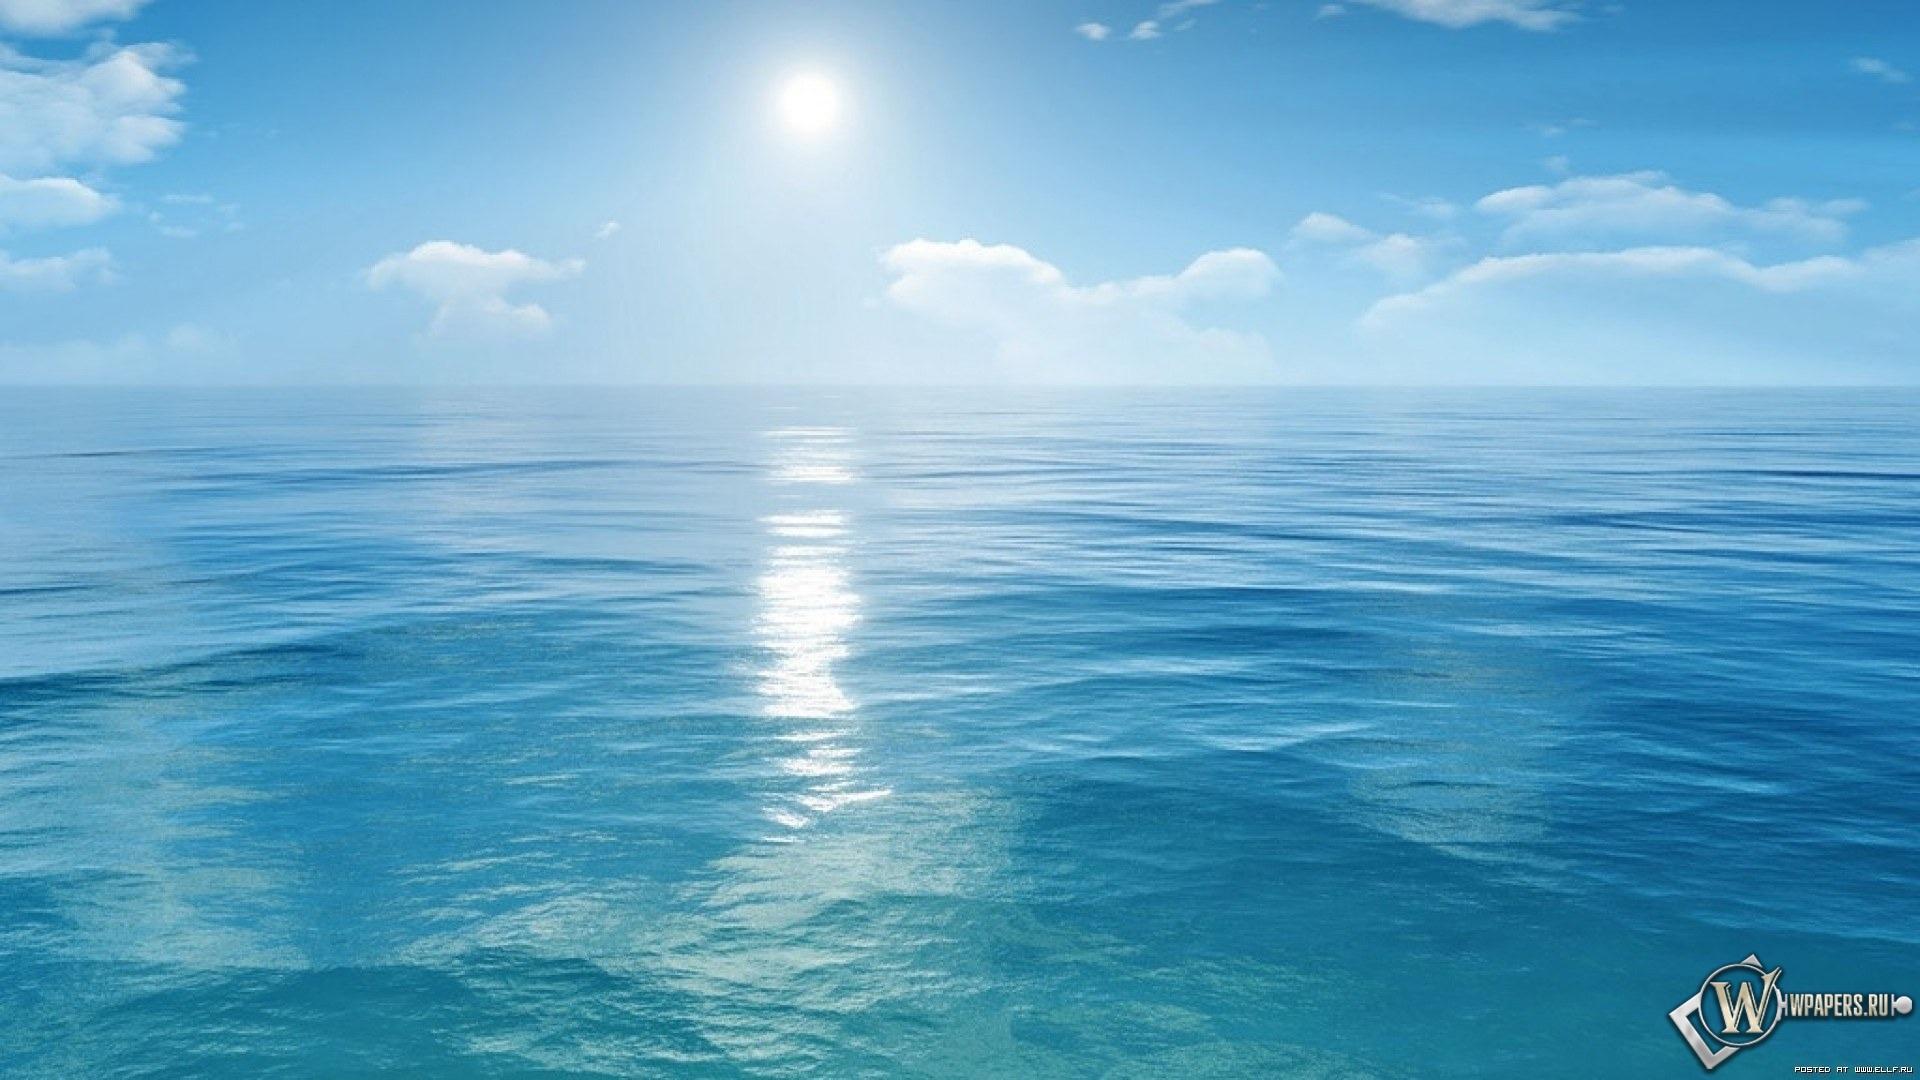 За океаном 1920x1080